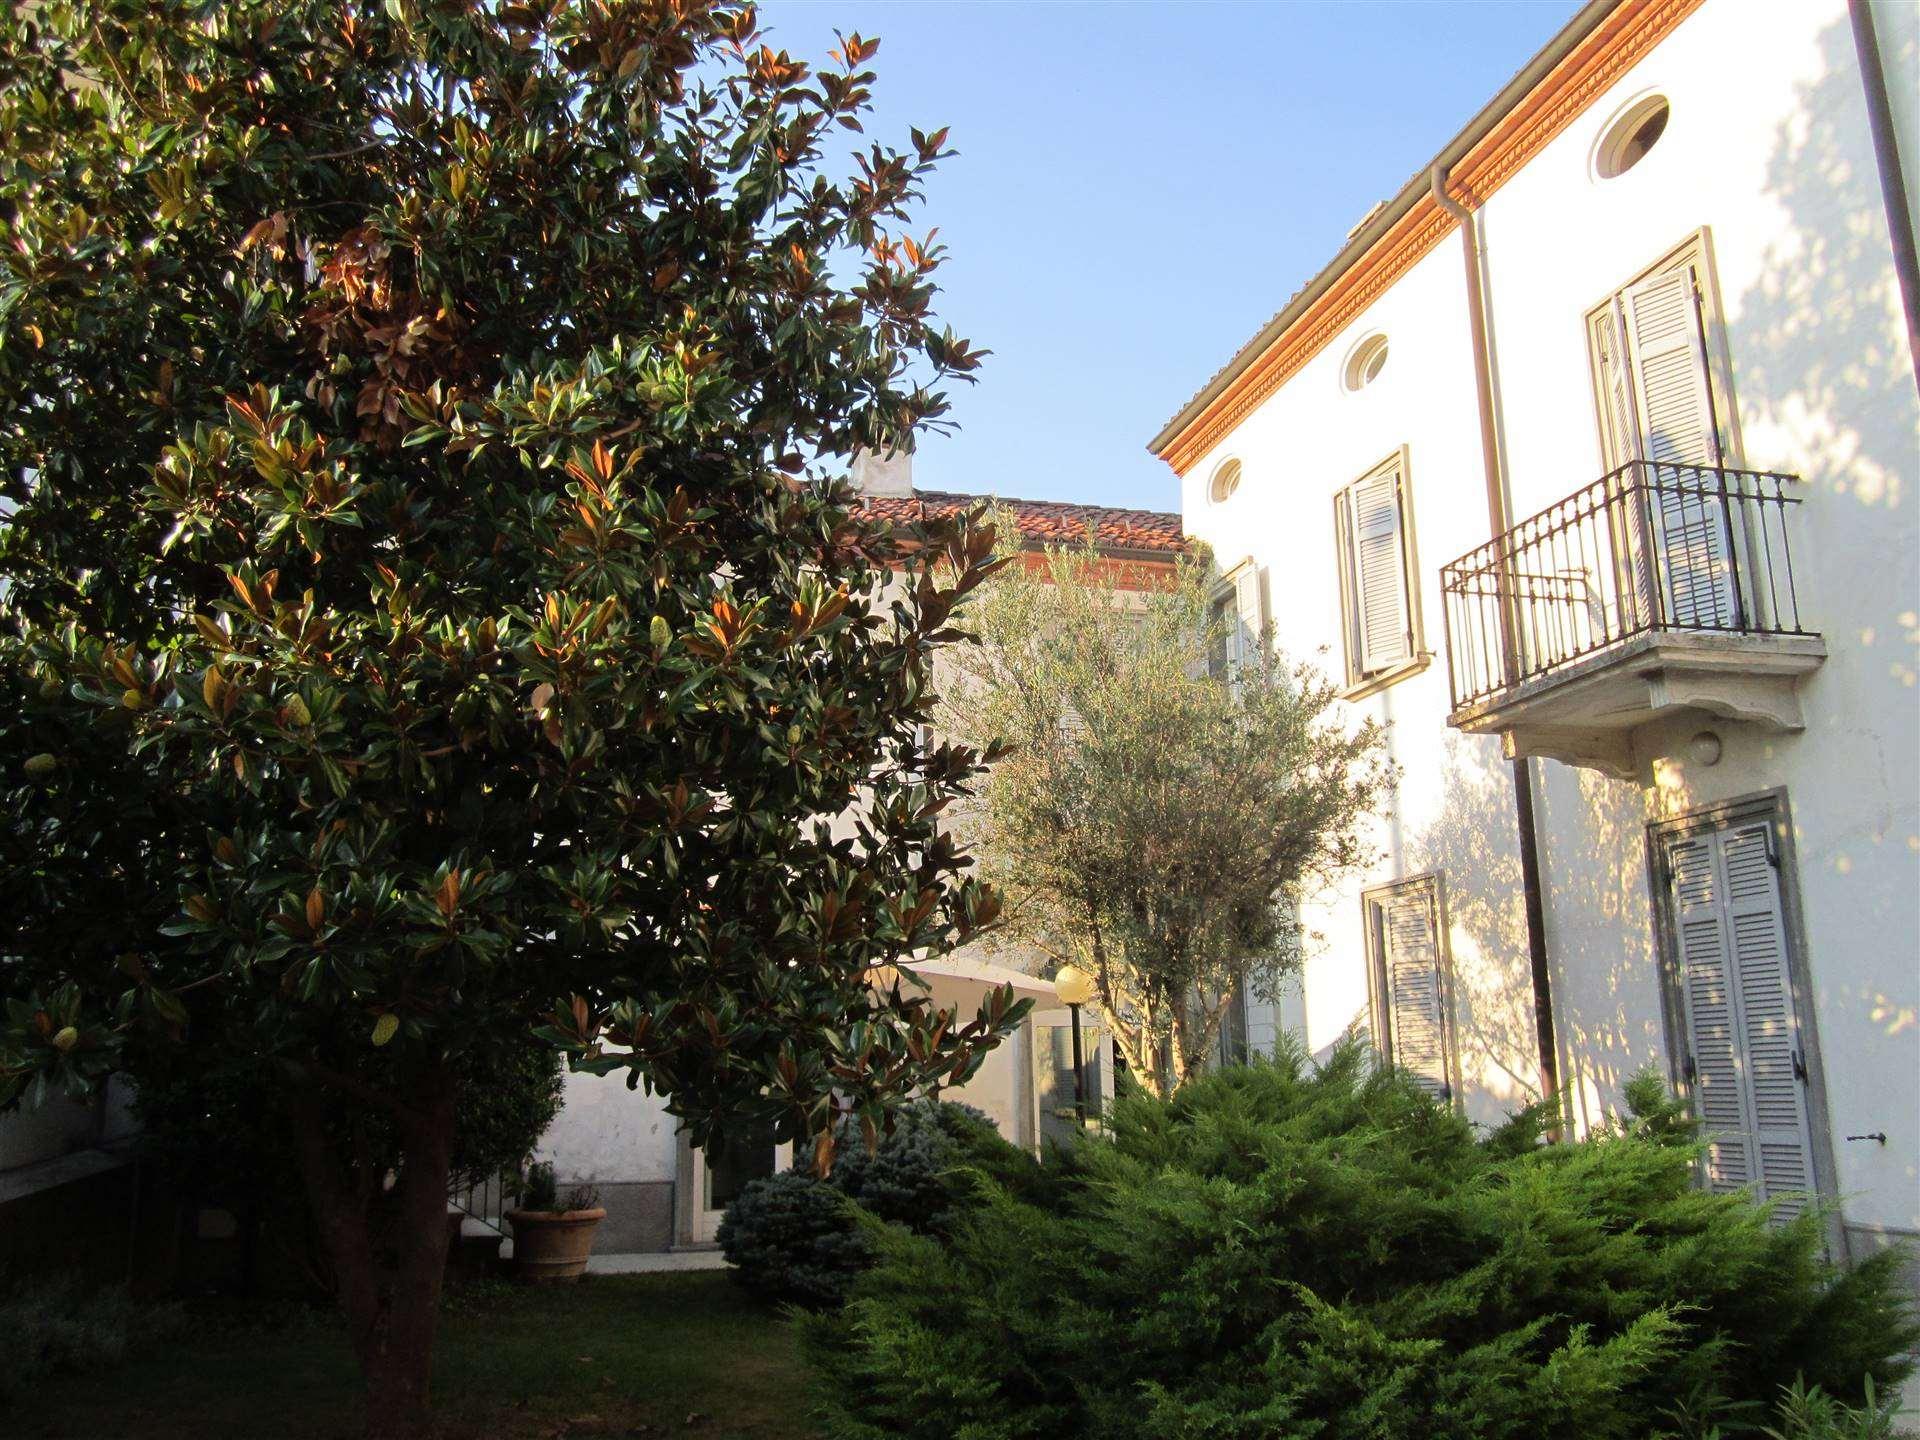 Soluzione Indipendente in vendita a San Salvatore Monferrato, 21 locali, prezzo € 780.000 | PortaleAgenzieImmobiliari.it